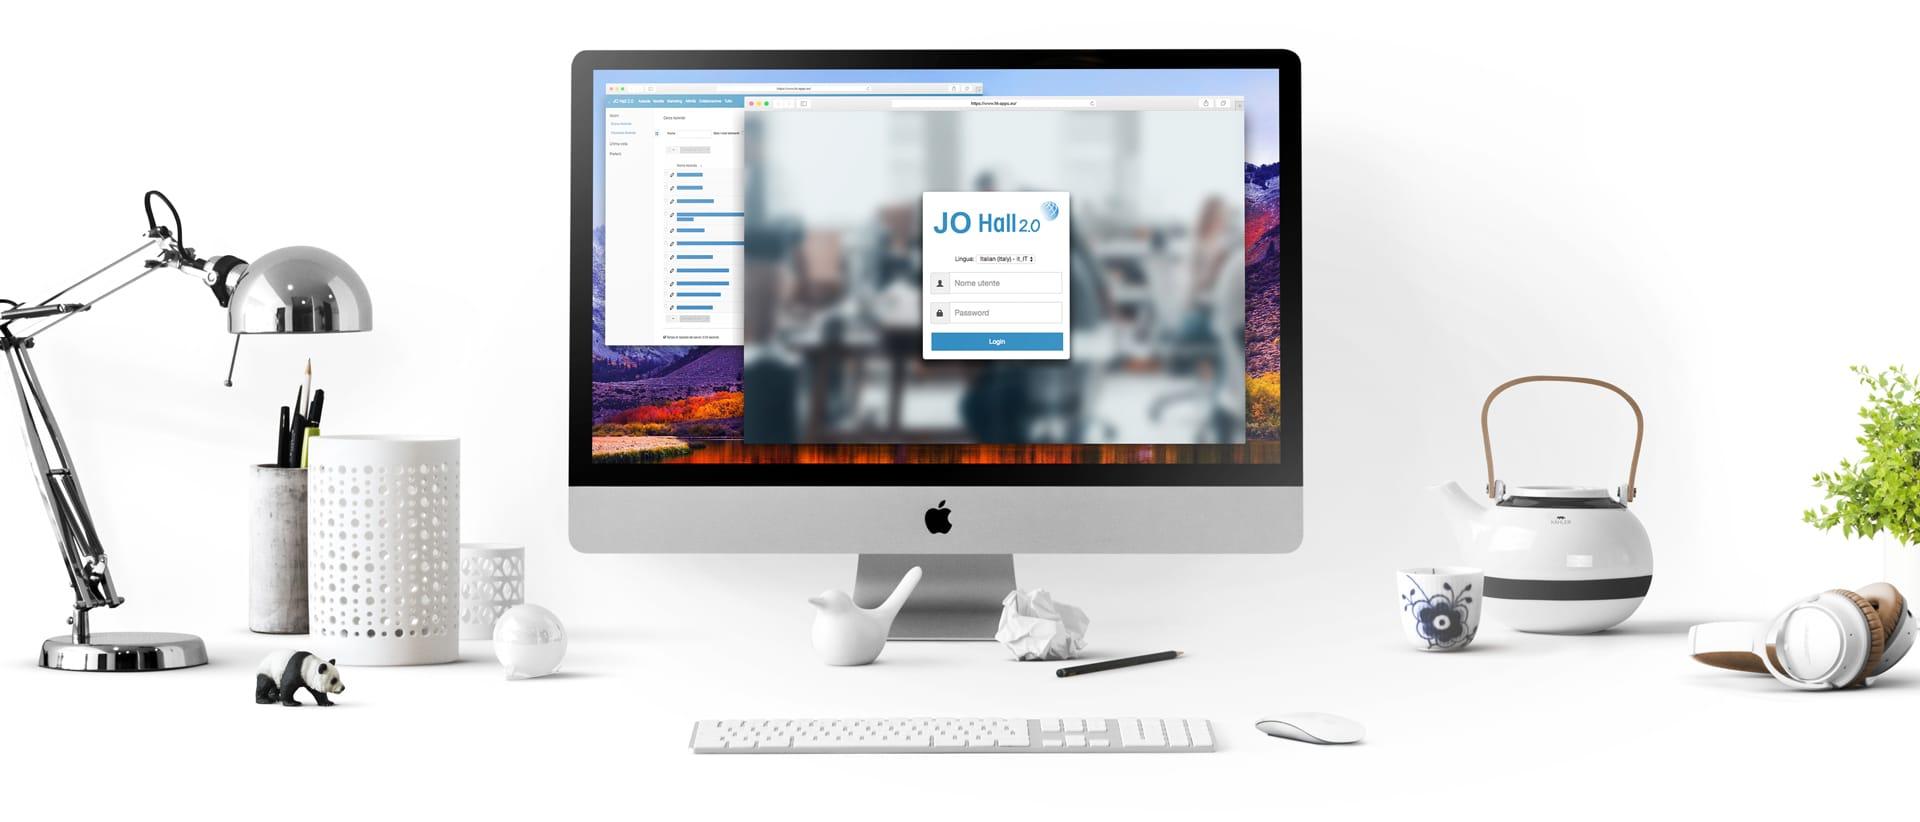 JO Hall Gestionale Software